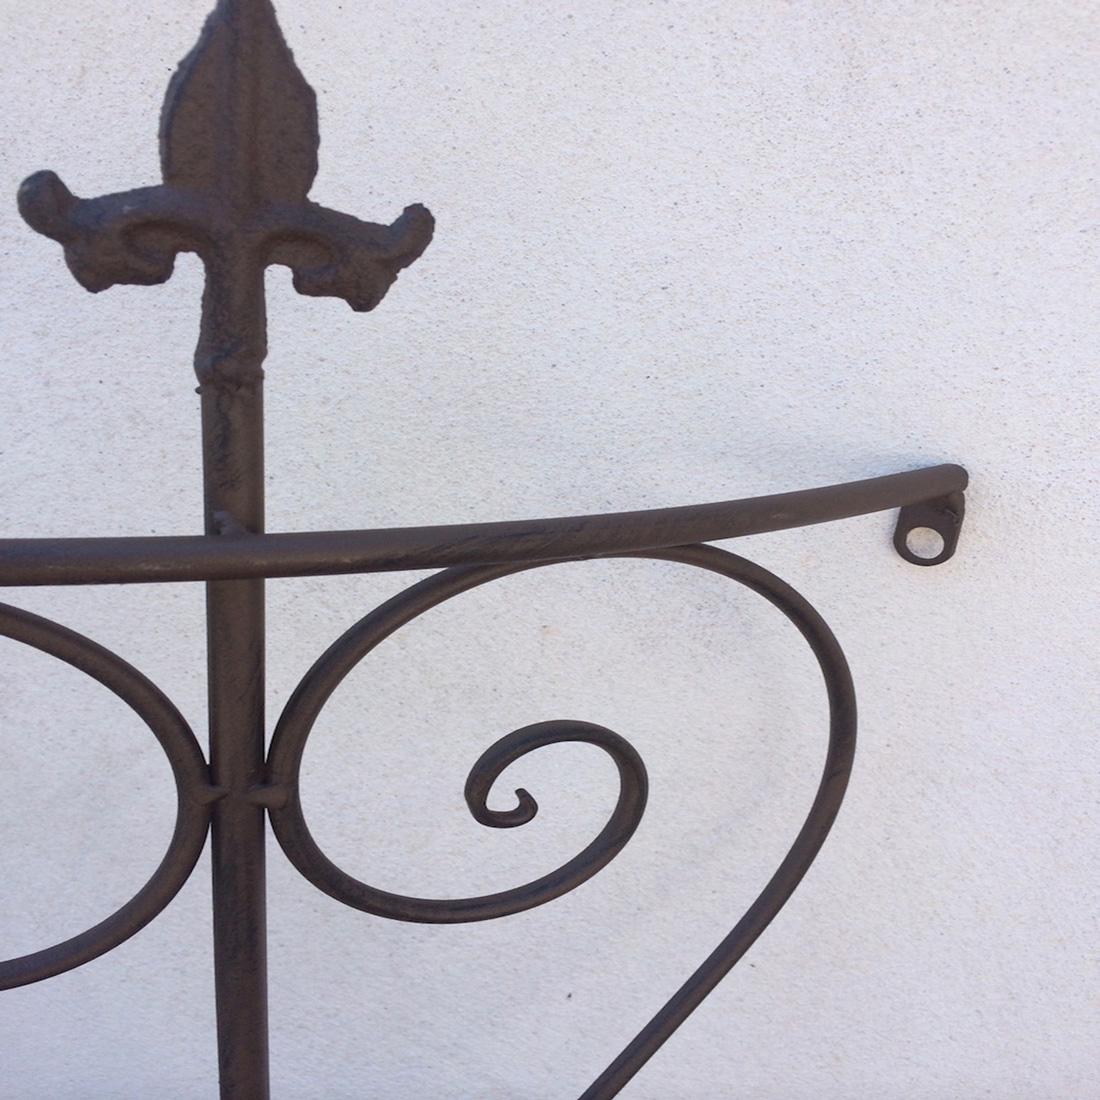 Bordure de jardin chambord - Bordures de jardin castorama calais ...